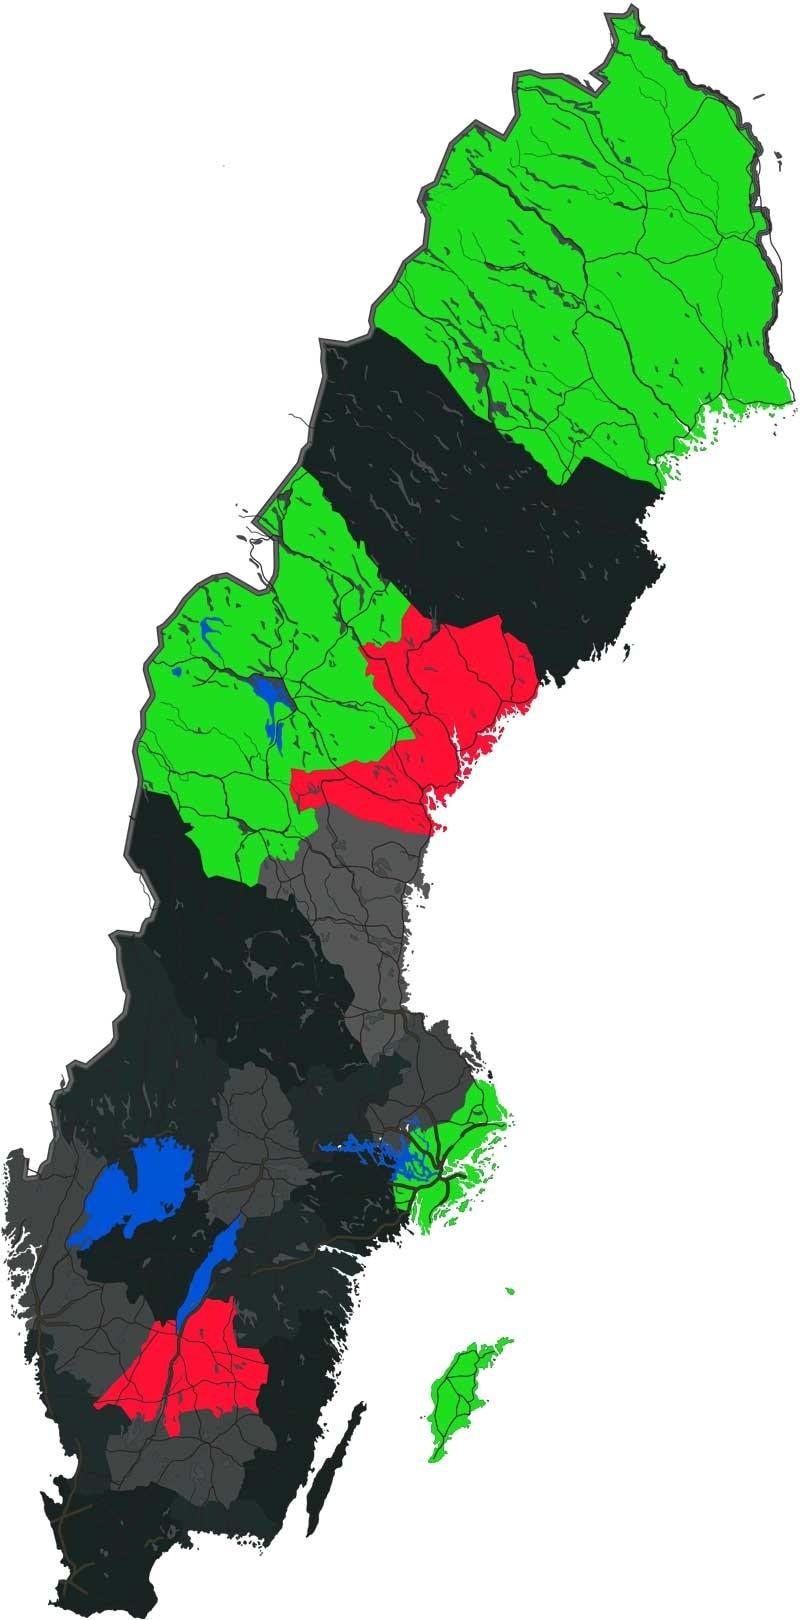 Grönt visar de bästa länen och rött visar de sämsta